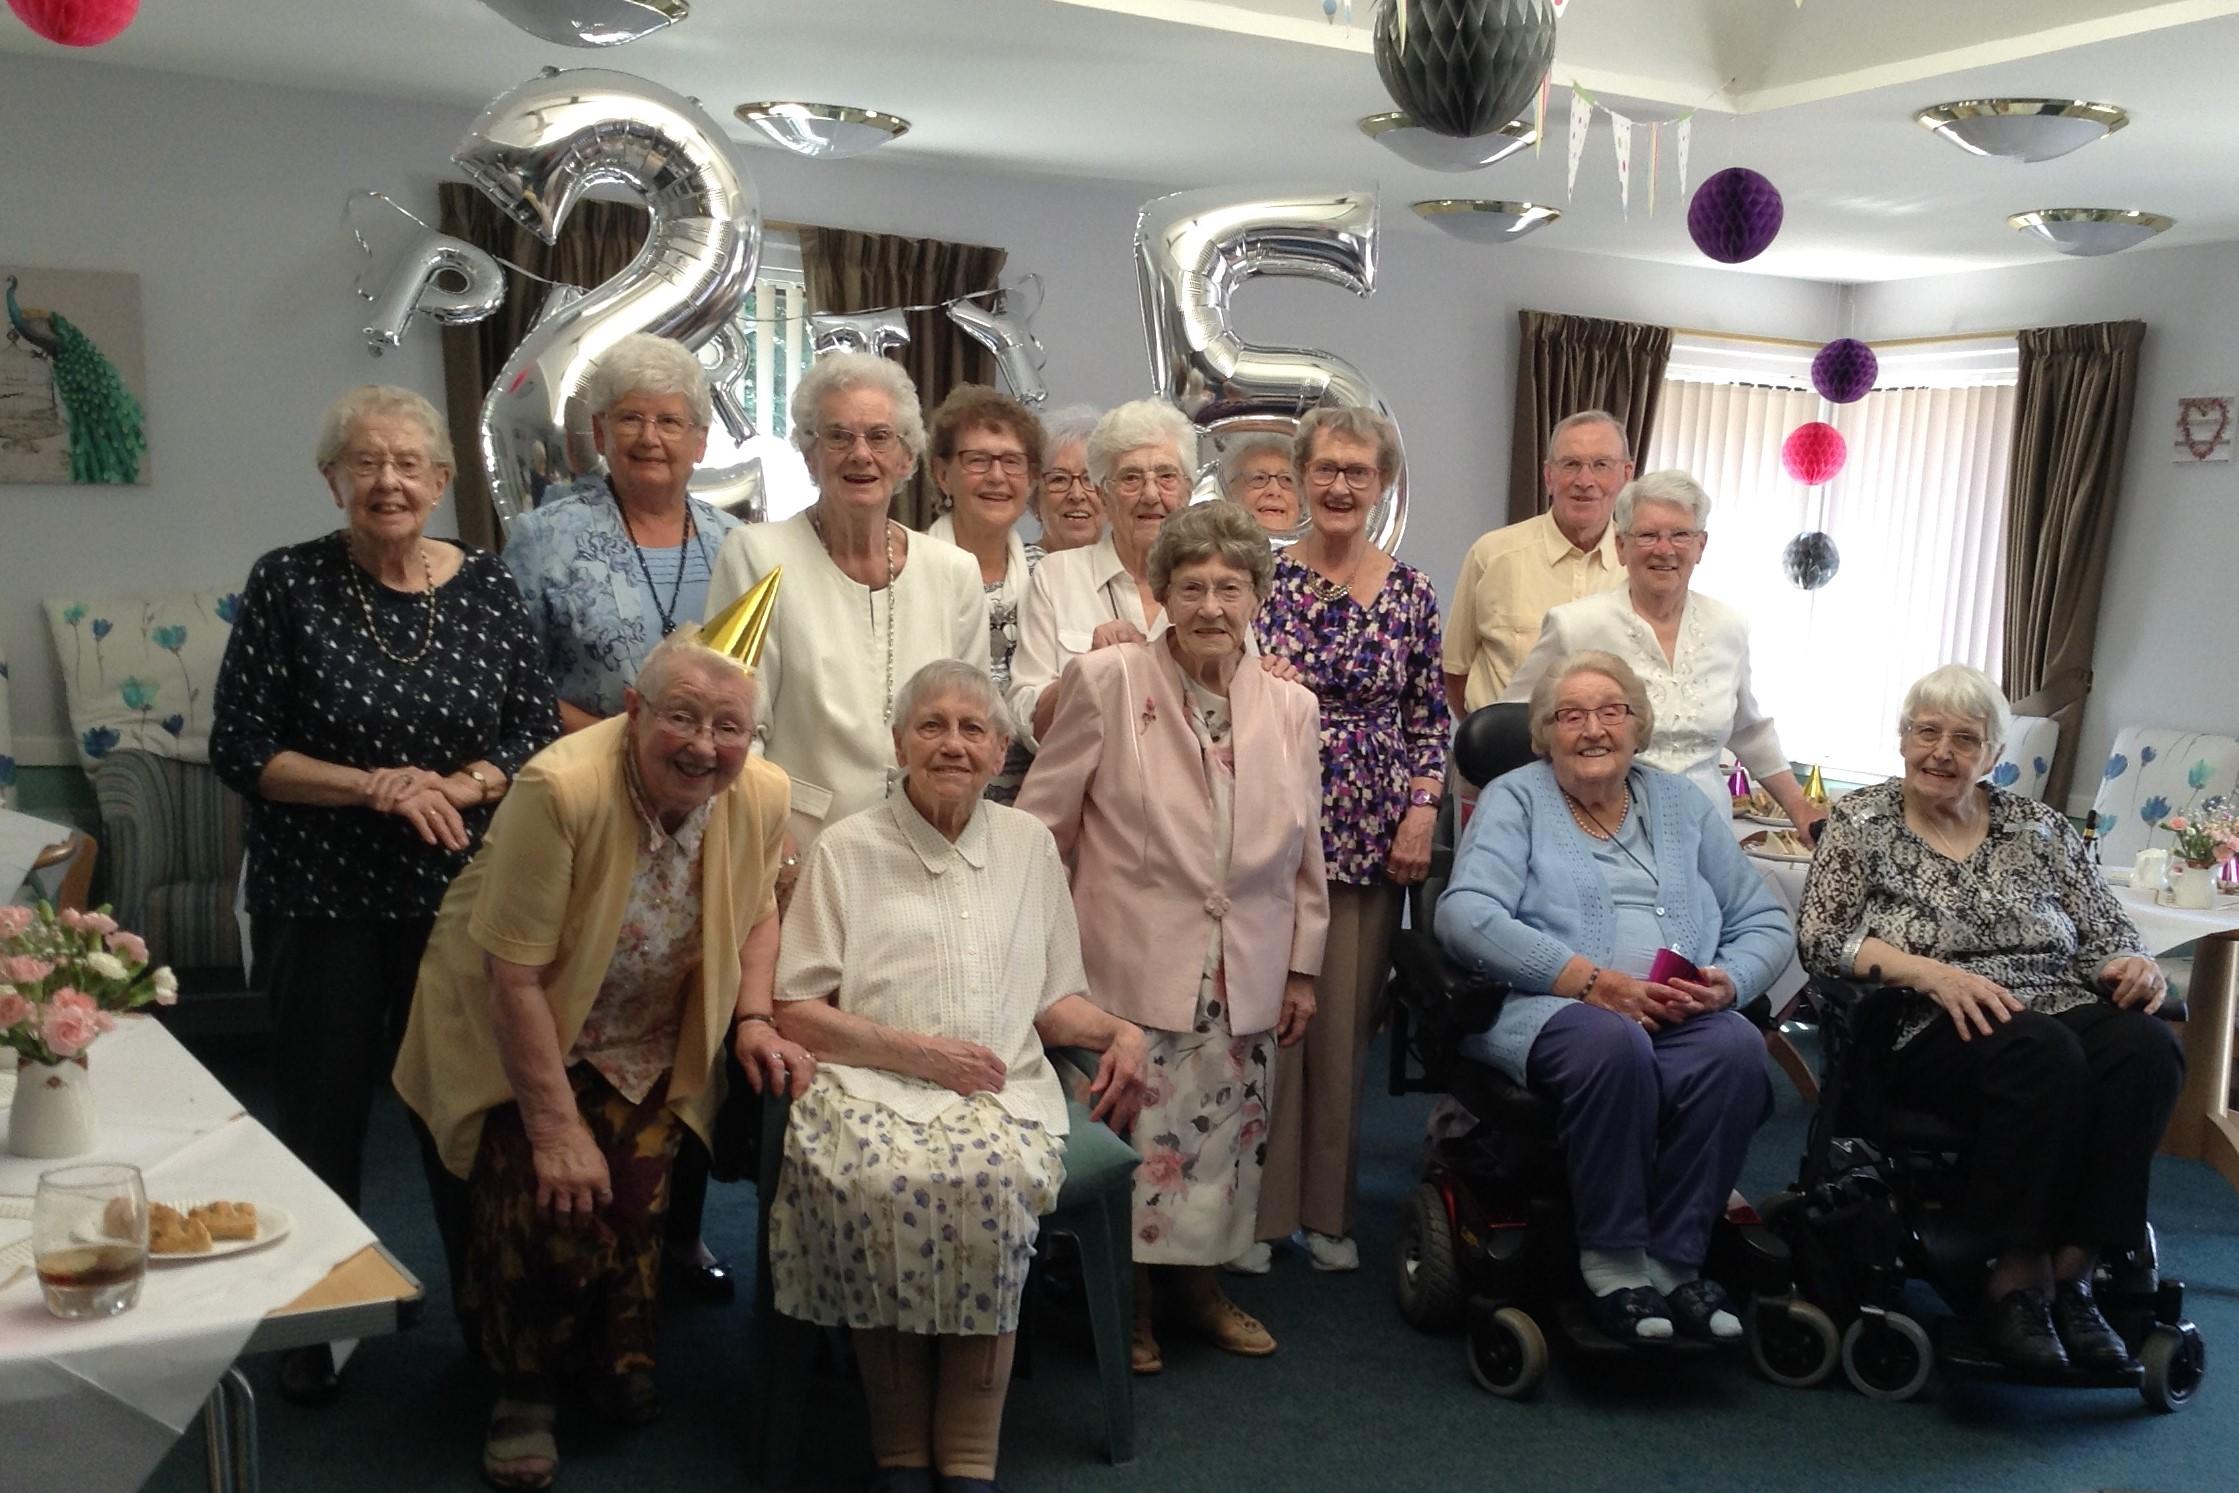 Hanover Scotland complex in Dunfermline celebrates 25th anniversary image